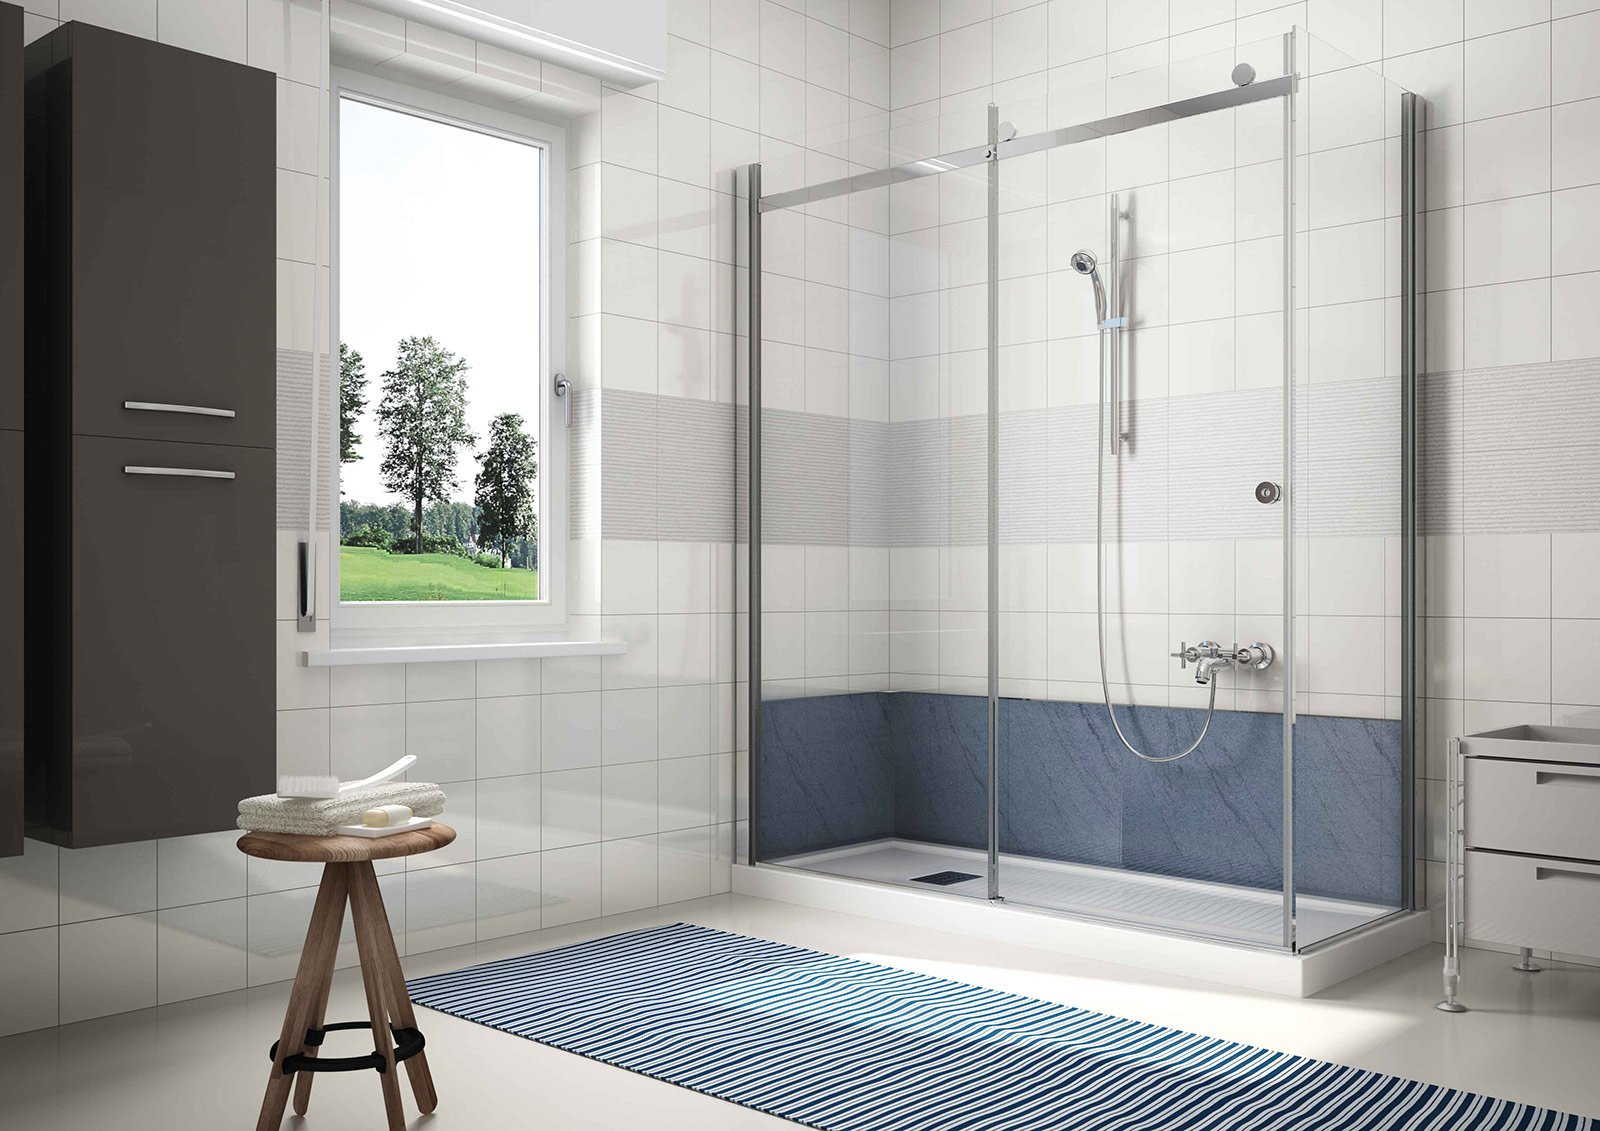 La vasca diventa doccia in poco tempo e senza troppi - Togliere vasca da bagno ...